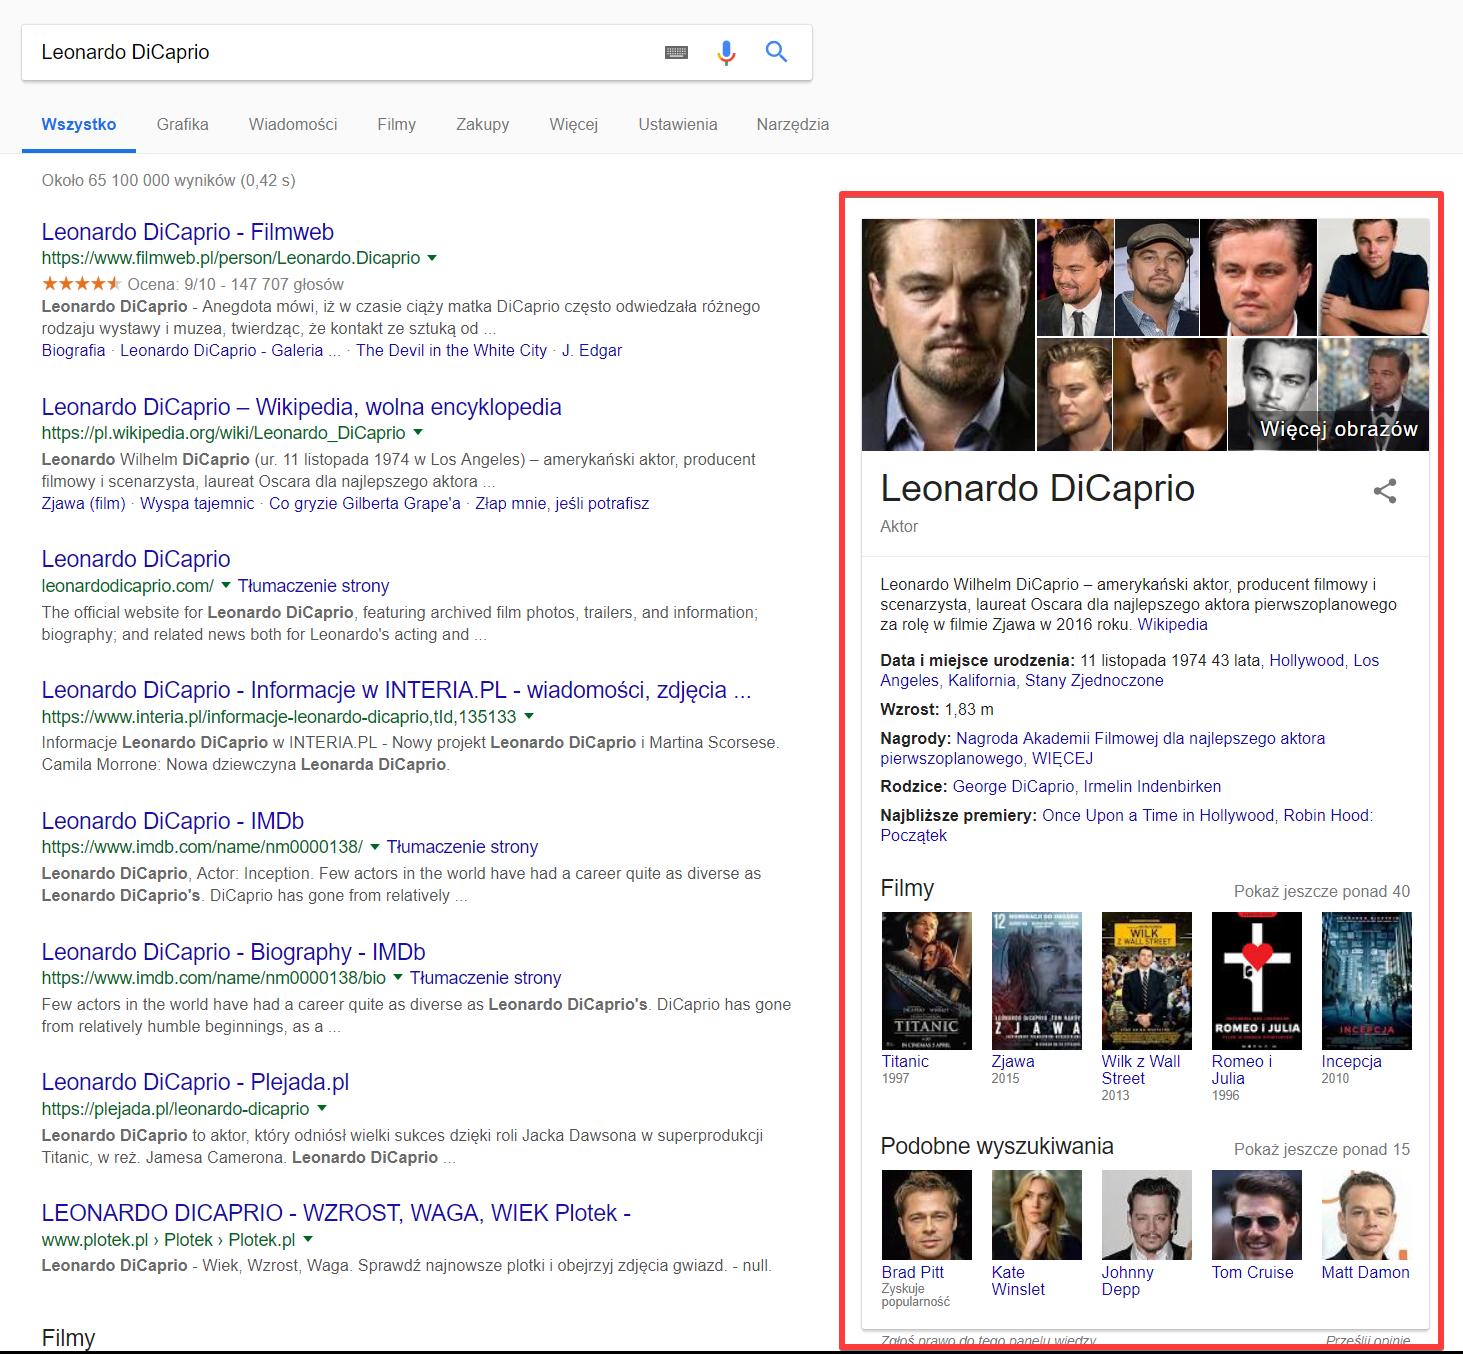 Graf wiedzy w Google